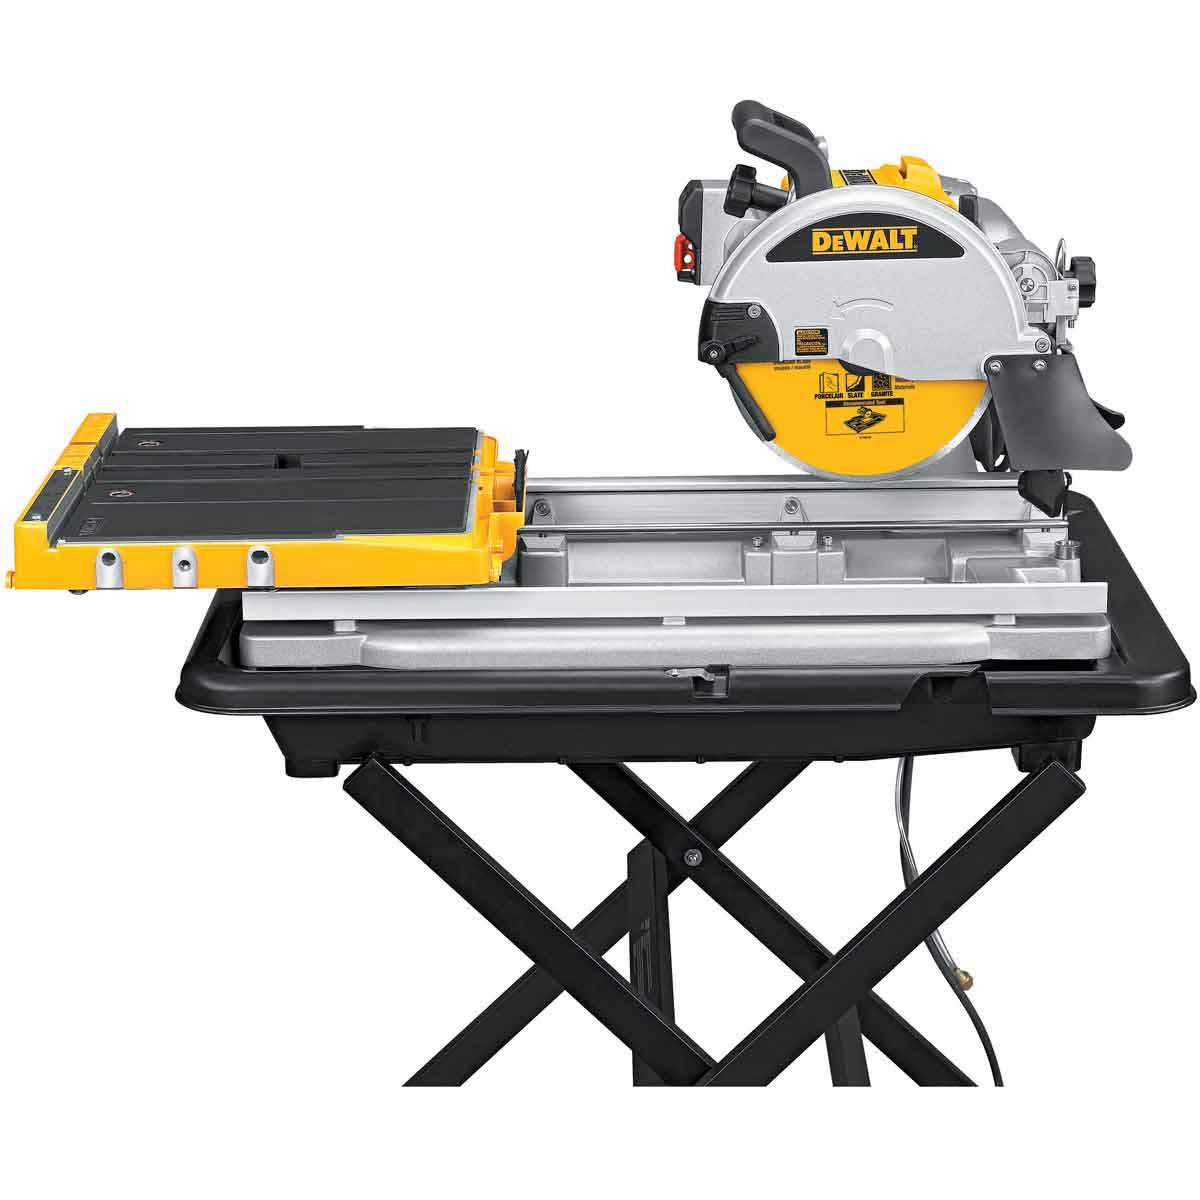 Dewalt D24000 cutting table